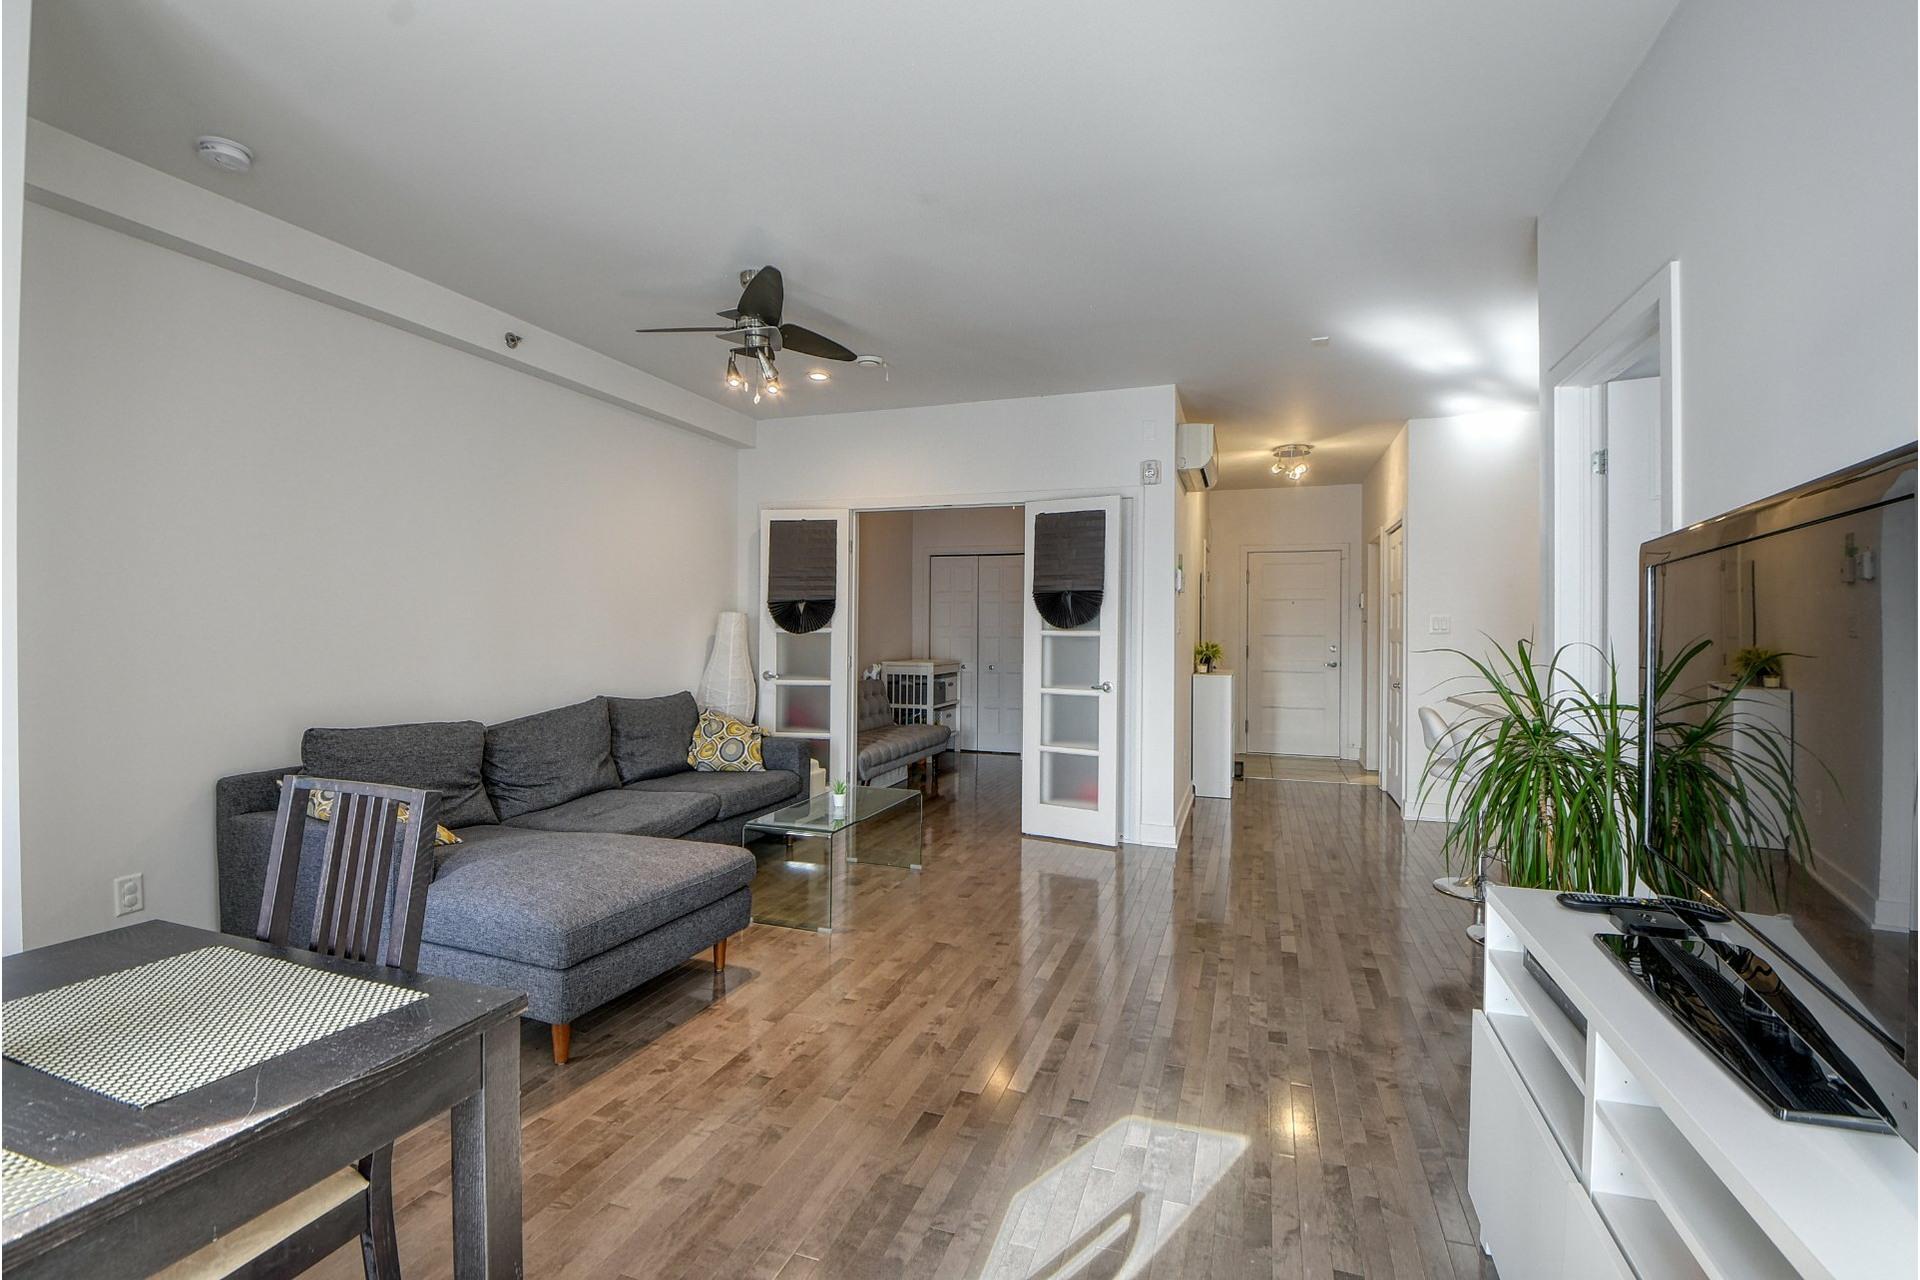 image 5 - Appartement À vendre Le Sud-Ouest Montréal  - 8 pièces